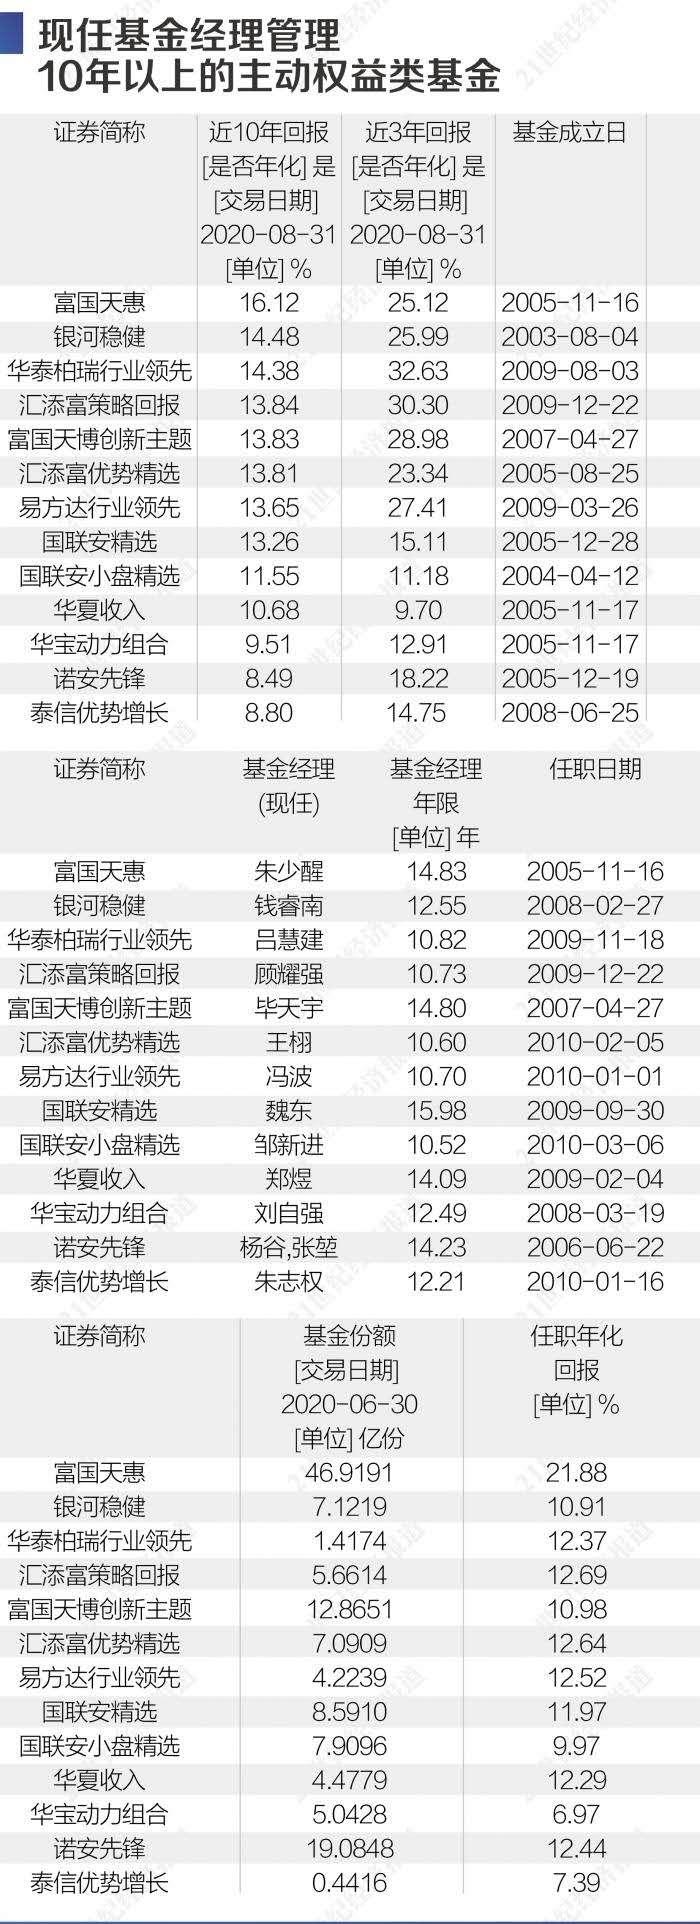 """10年长跑基金业绩榜单:7000只公募谁是""""王牌""""?"""